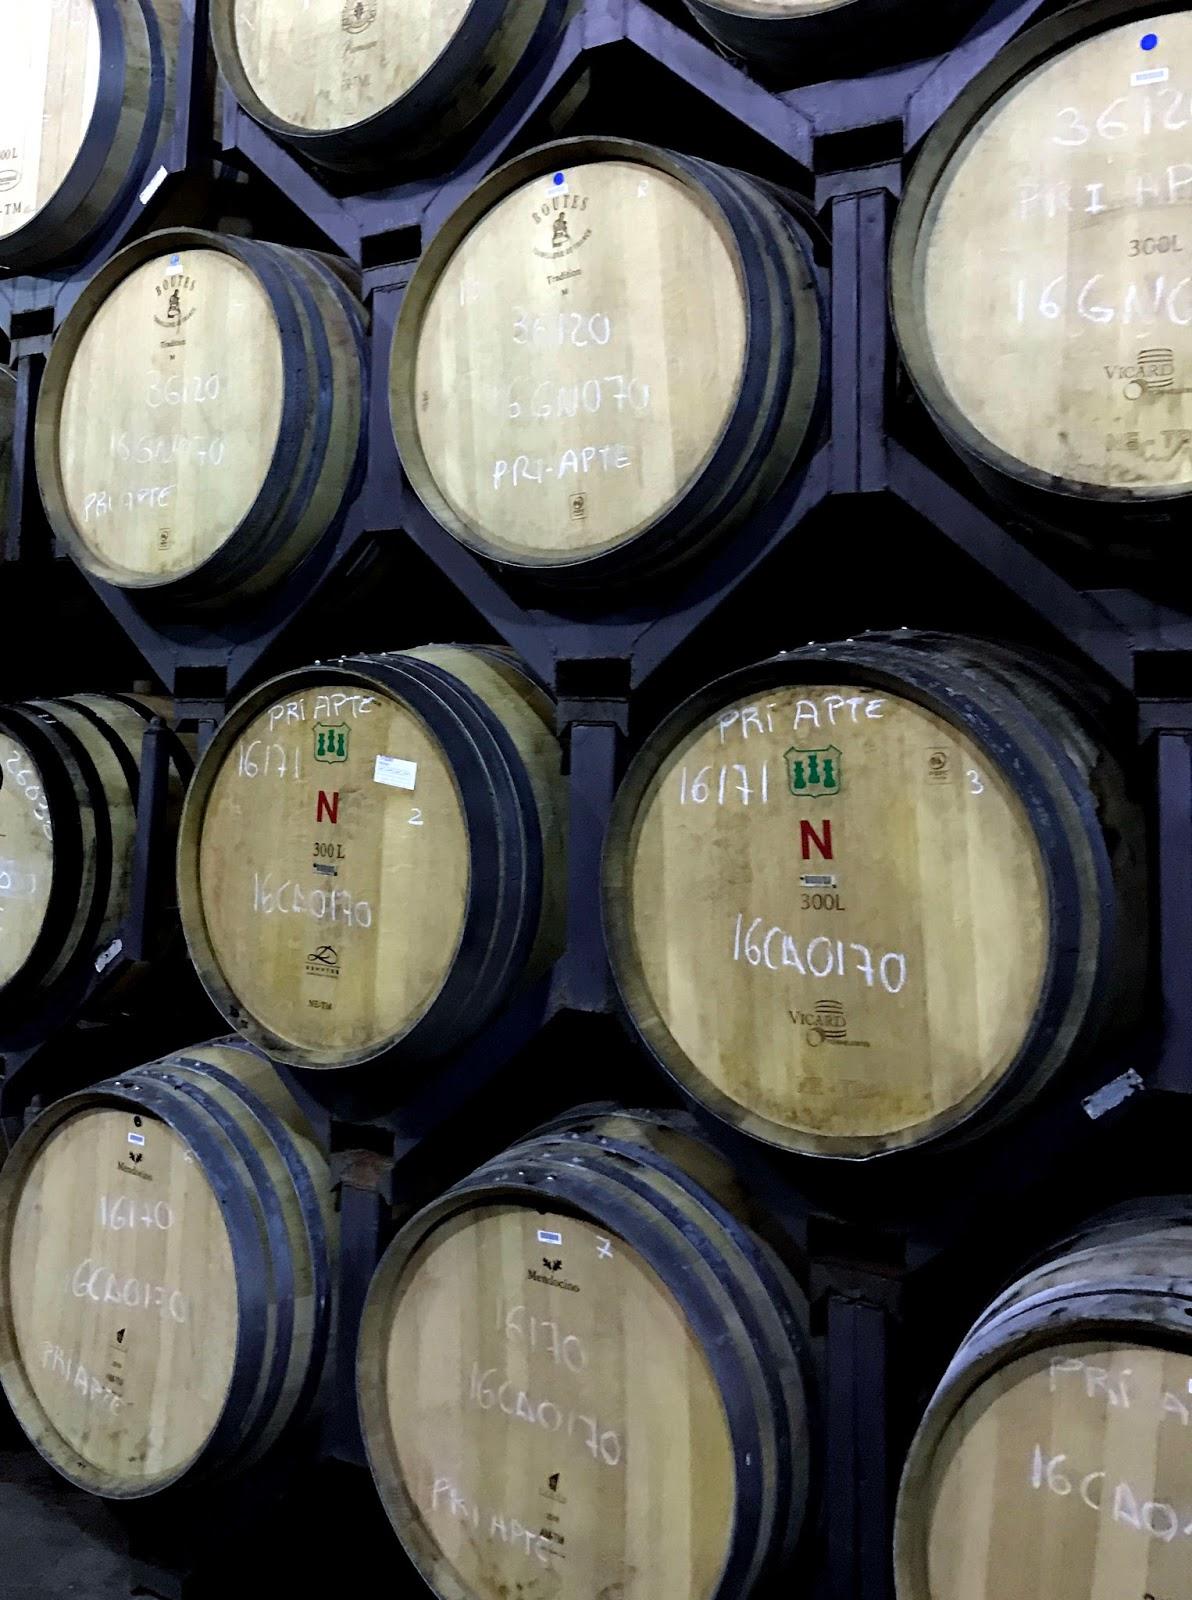 Stitch & Bear - Torres Priorat - Aging in oak barrels